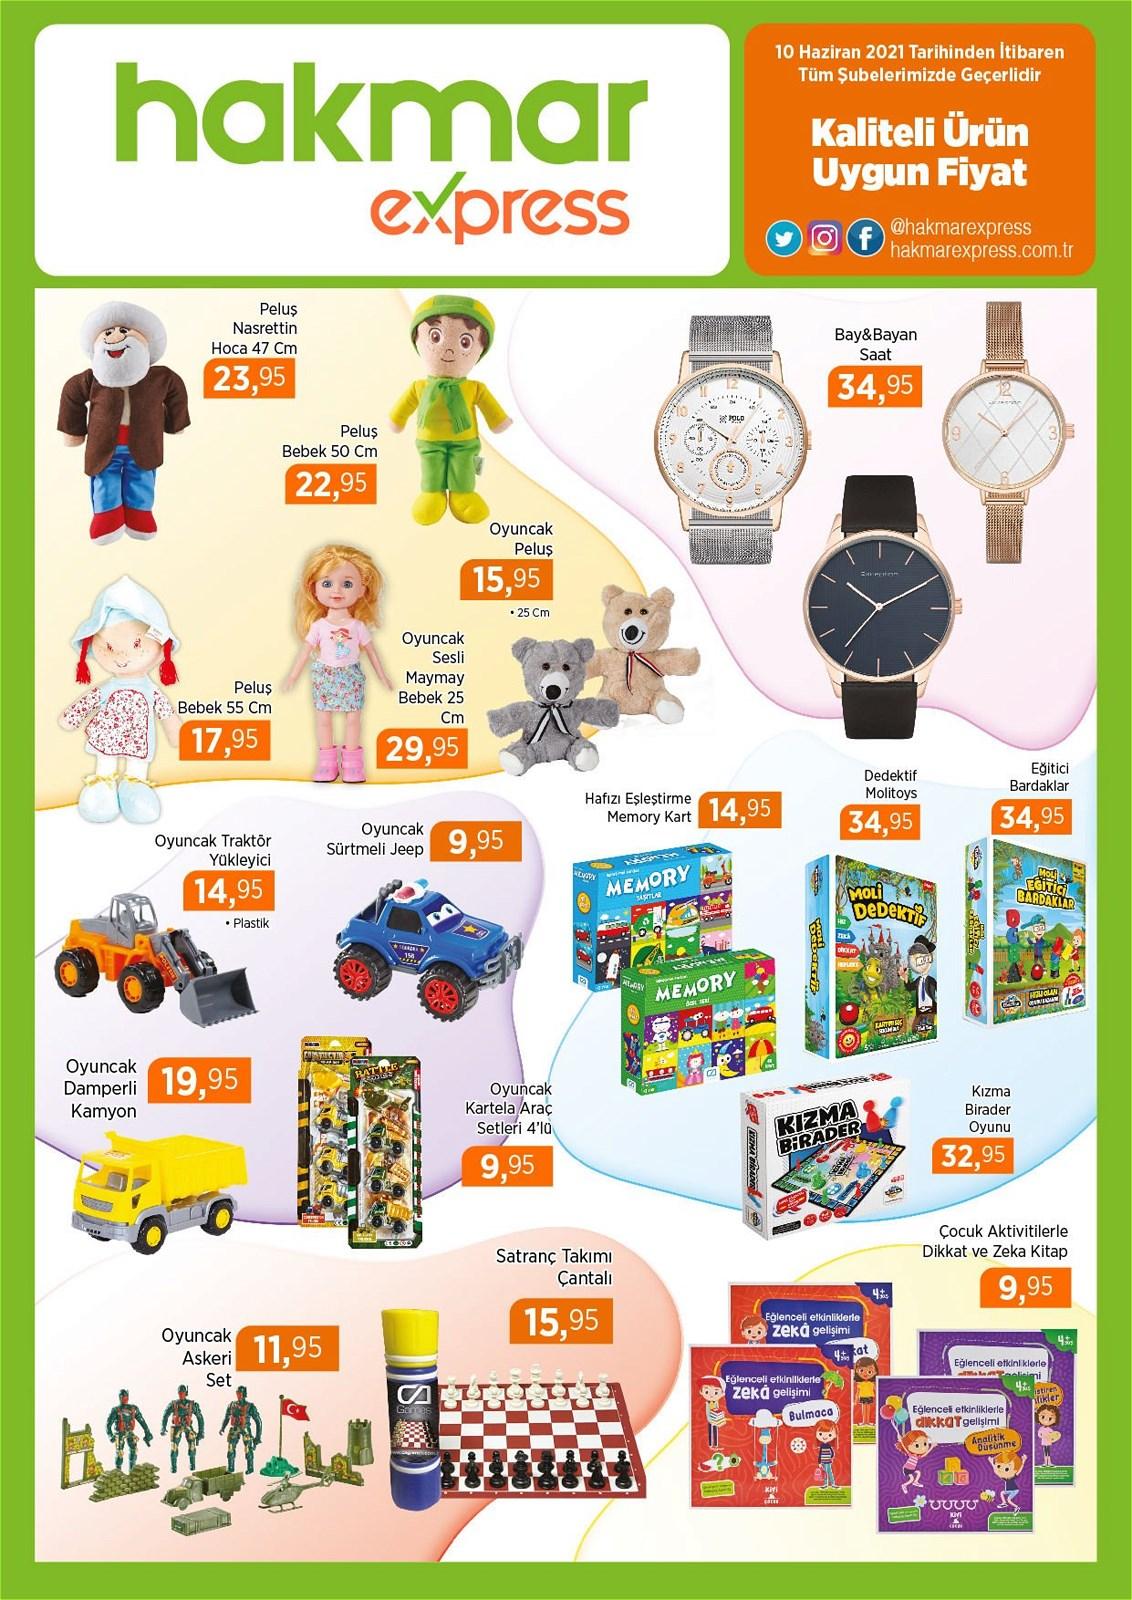 10.06.2021 Hakmar Express broşürü 4. sayfa